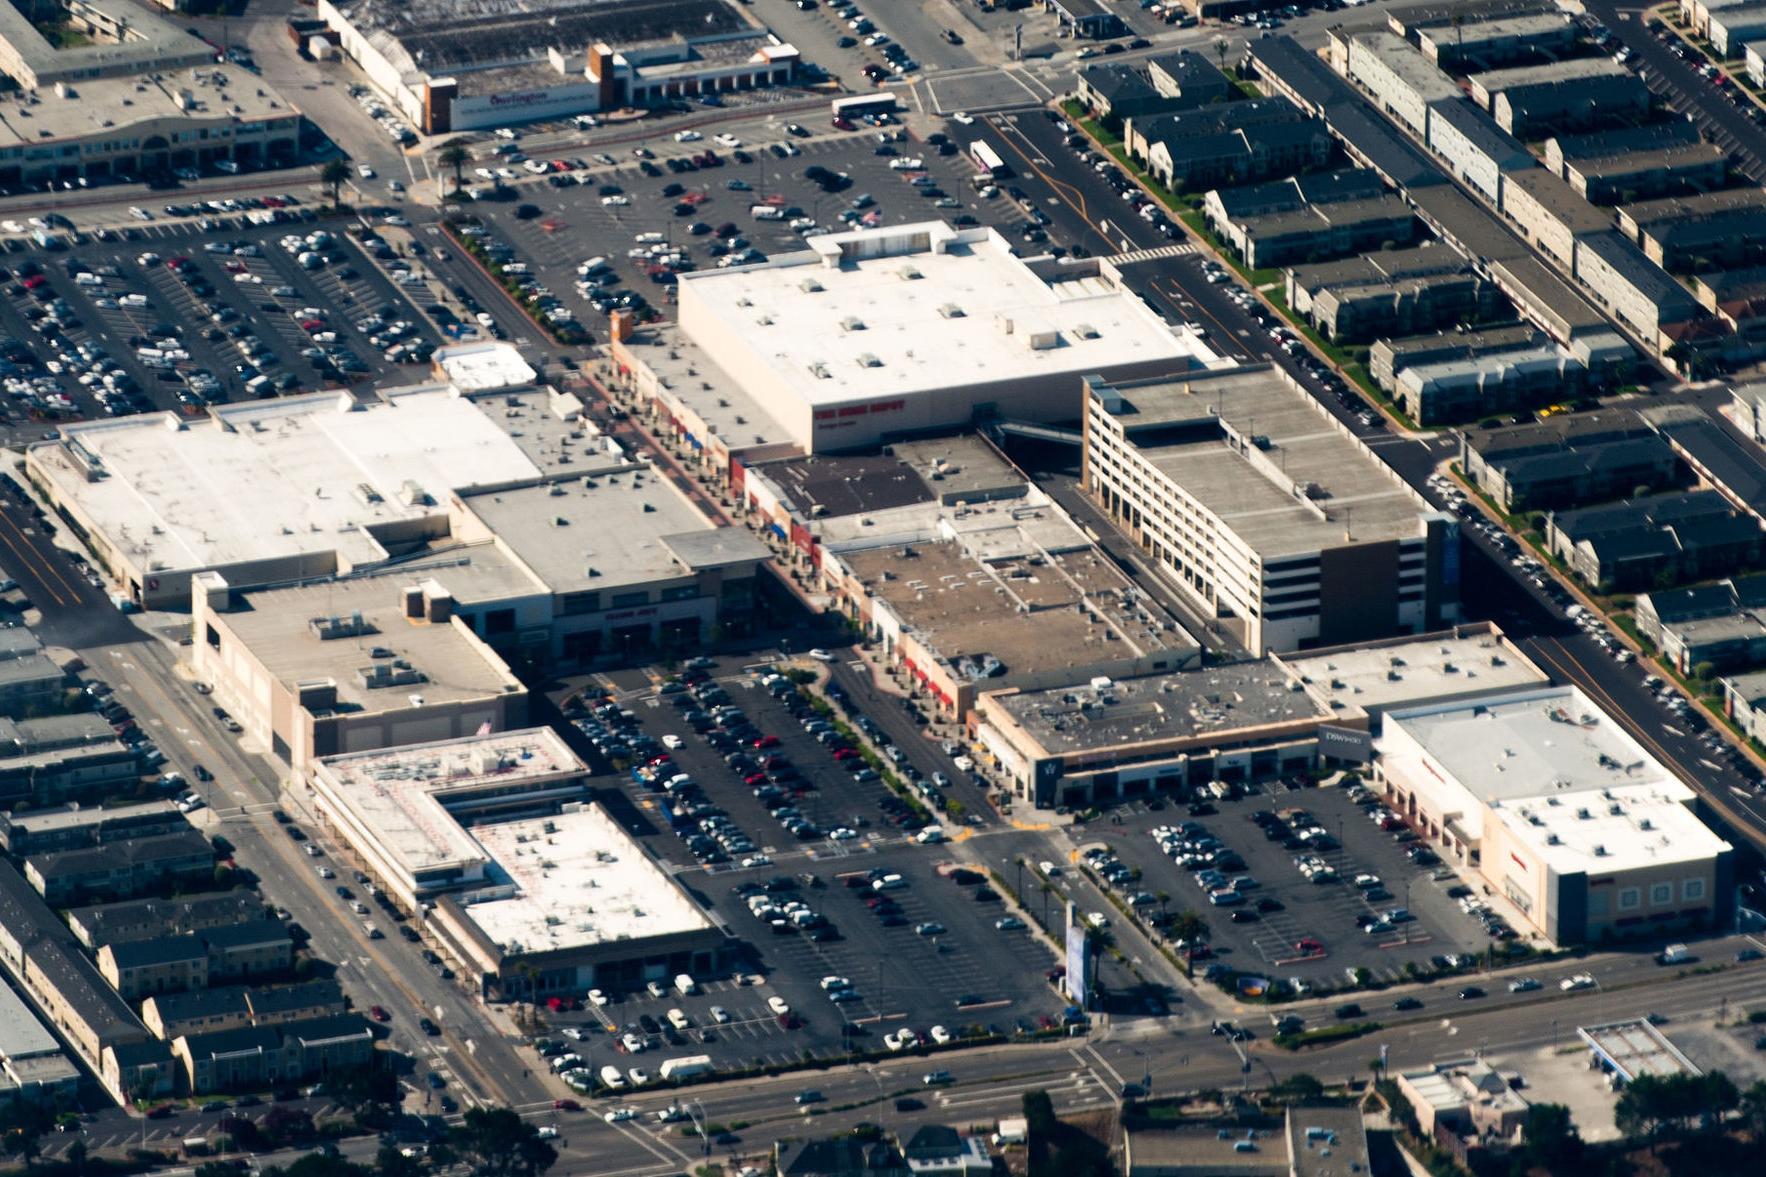 Source https://en.wikipedia.org/wiki/Westlake_Shopping_Center